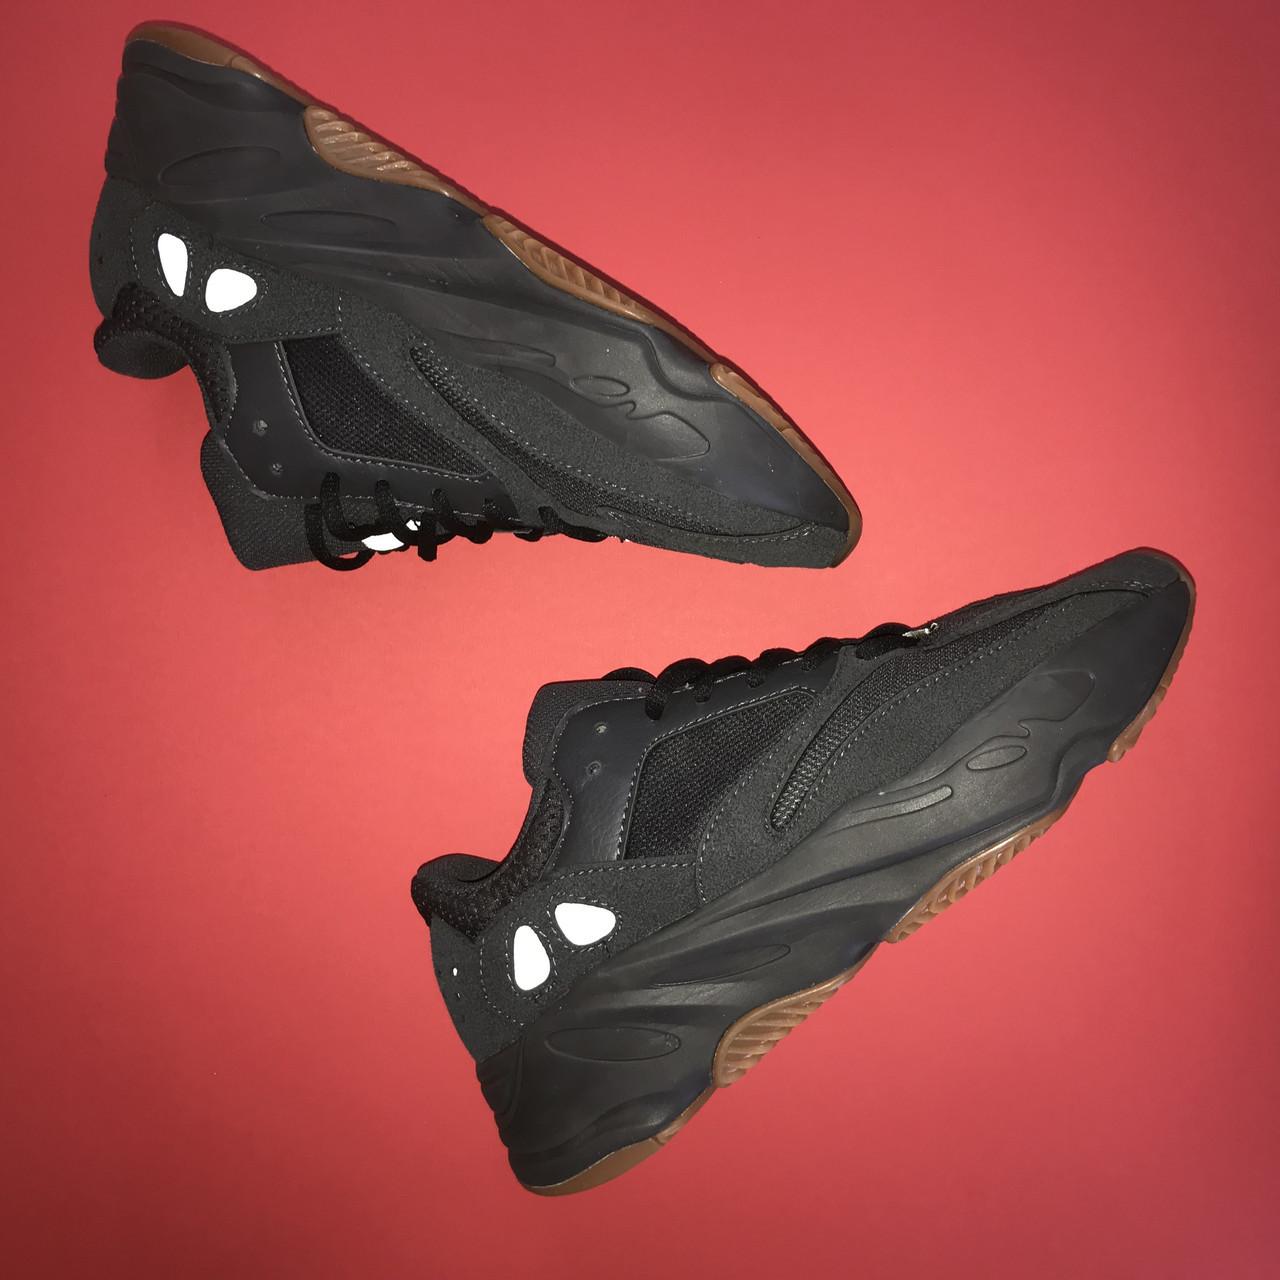 Кроссовки Adidas Yeezy Boost 700 Asphalt